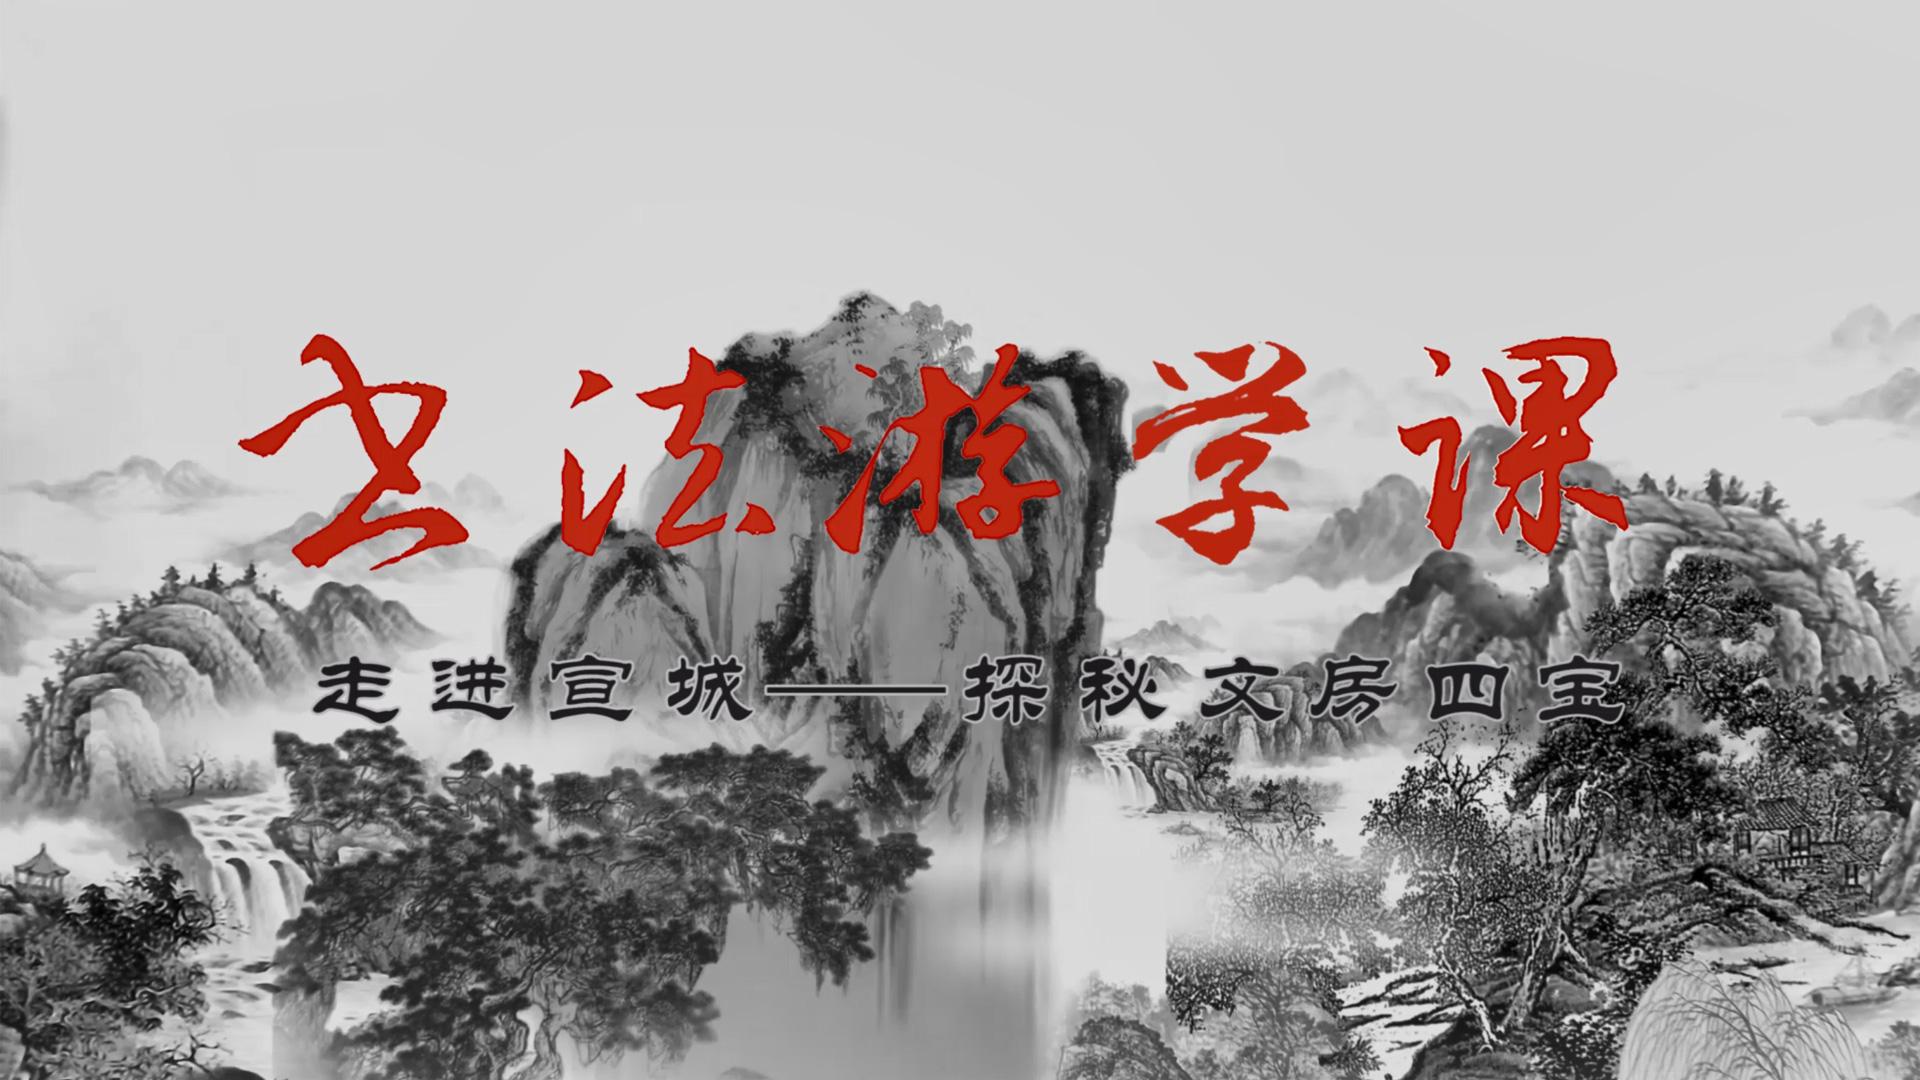 《书法游学课》最近宣城 探秘文房四宝【视频专辑】